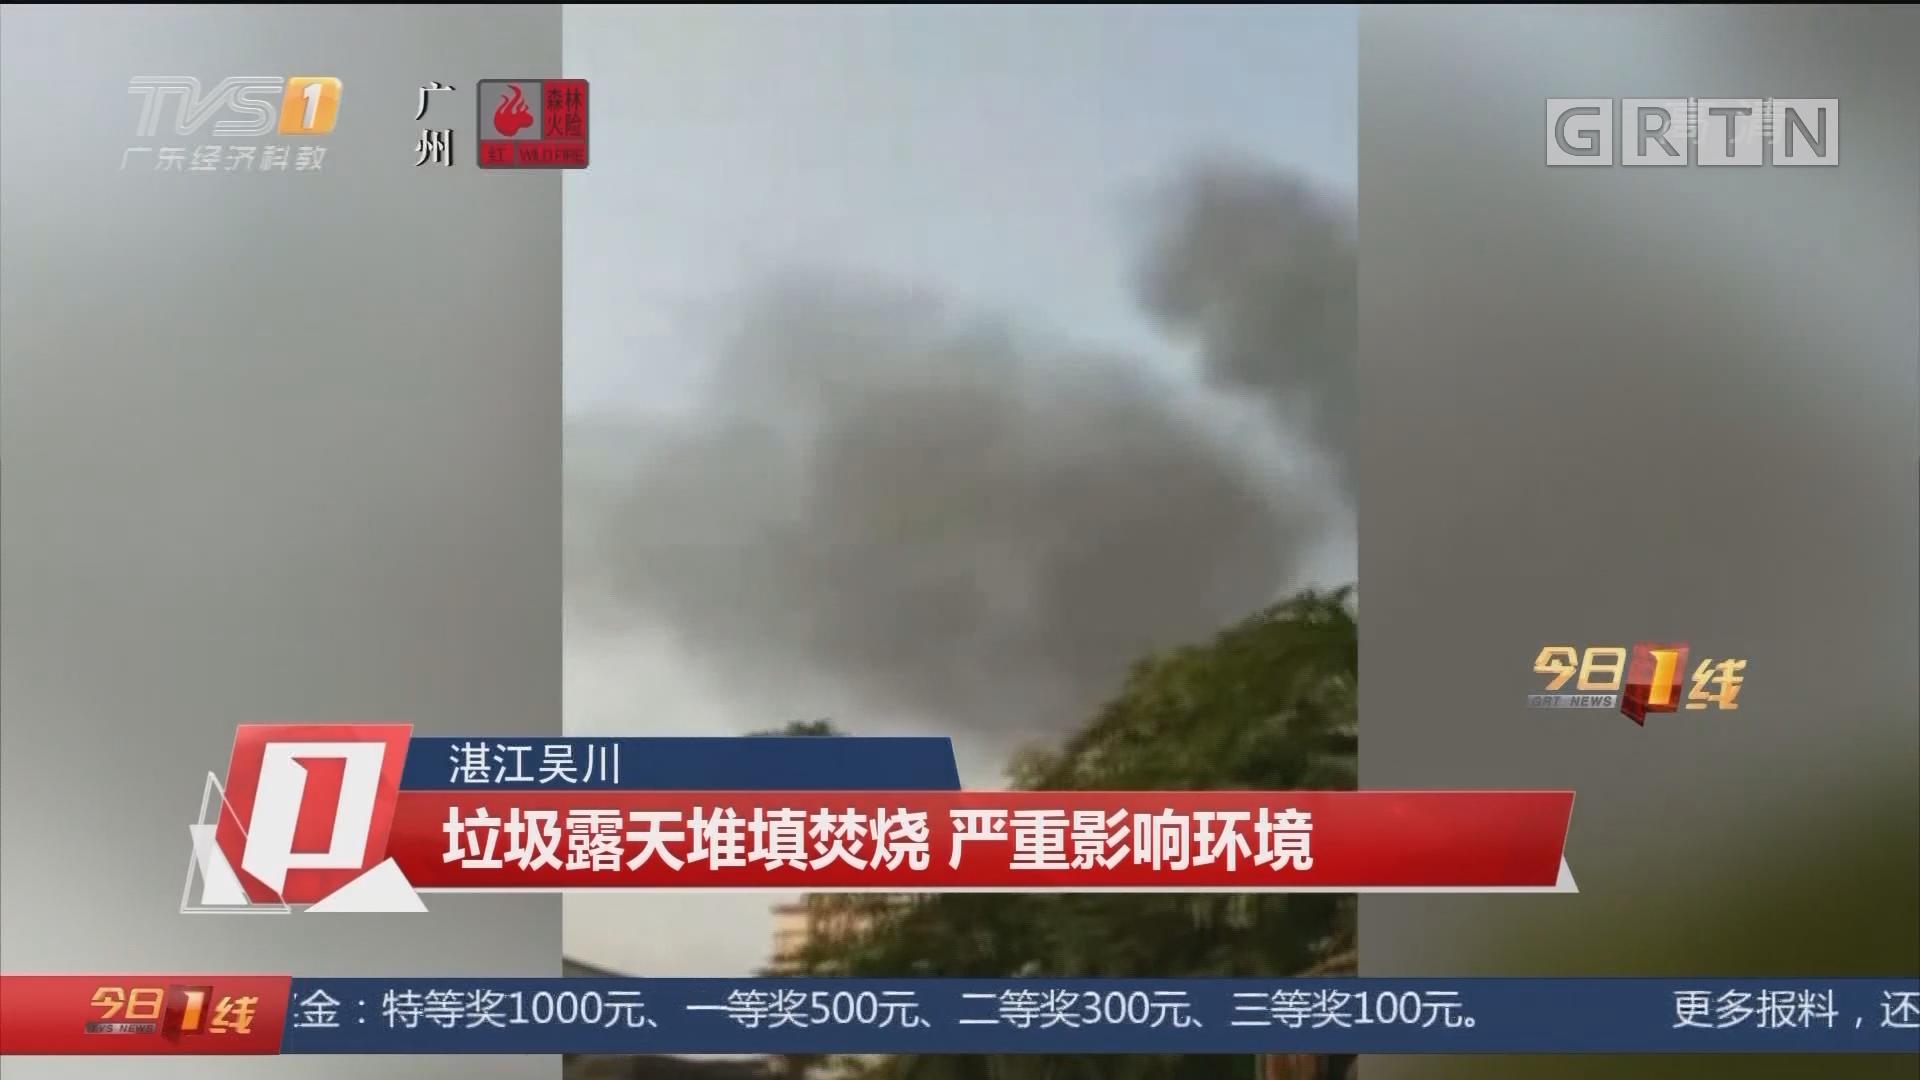 湛江吴川:垃圾露天堆填焚烧 严重影响环境